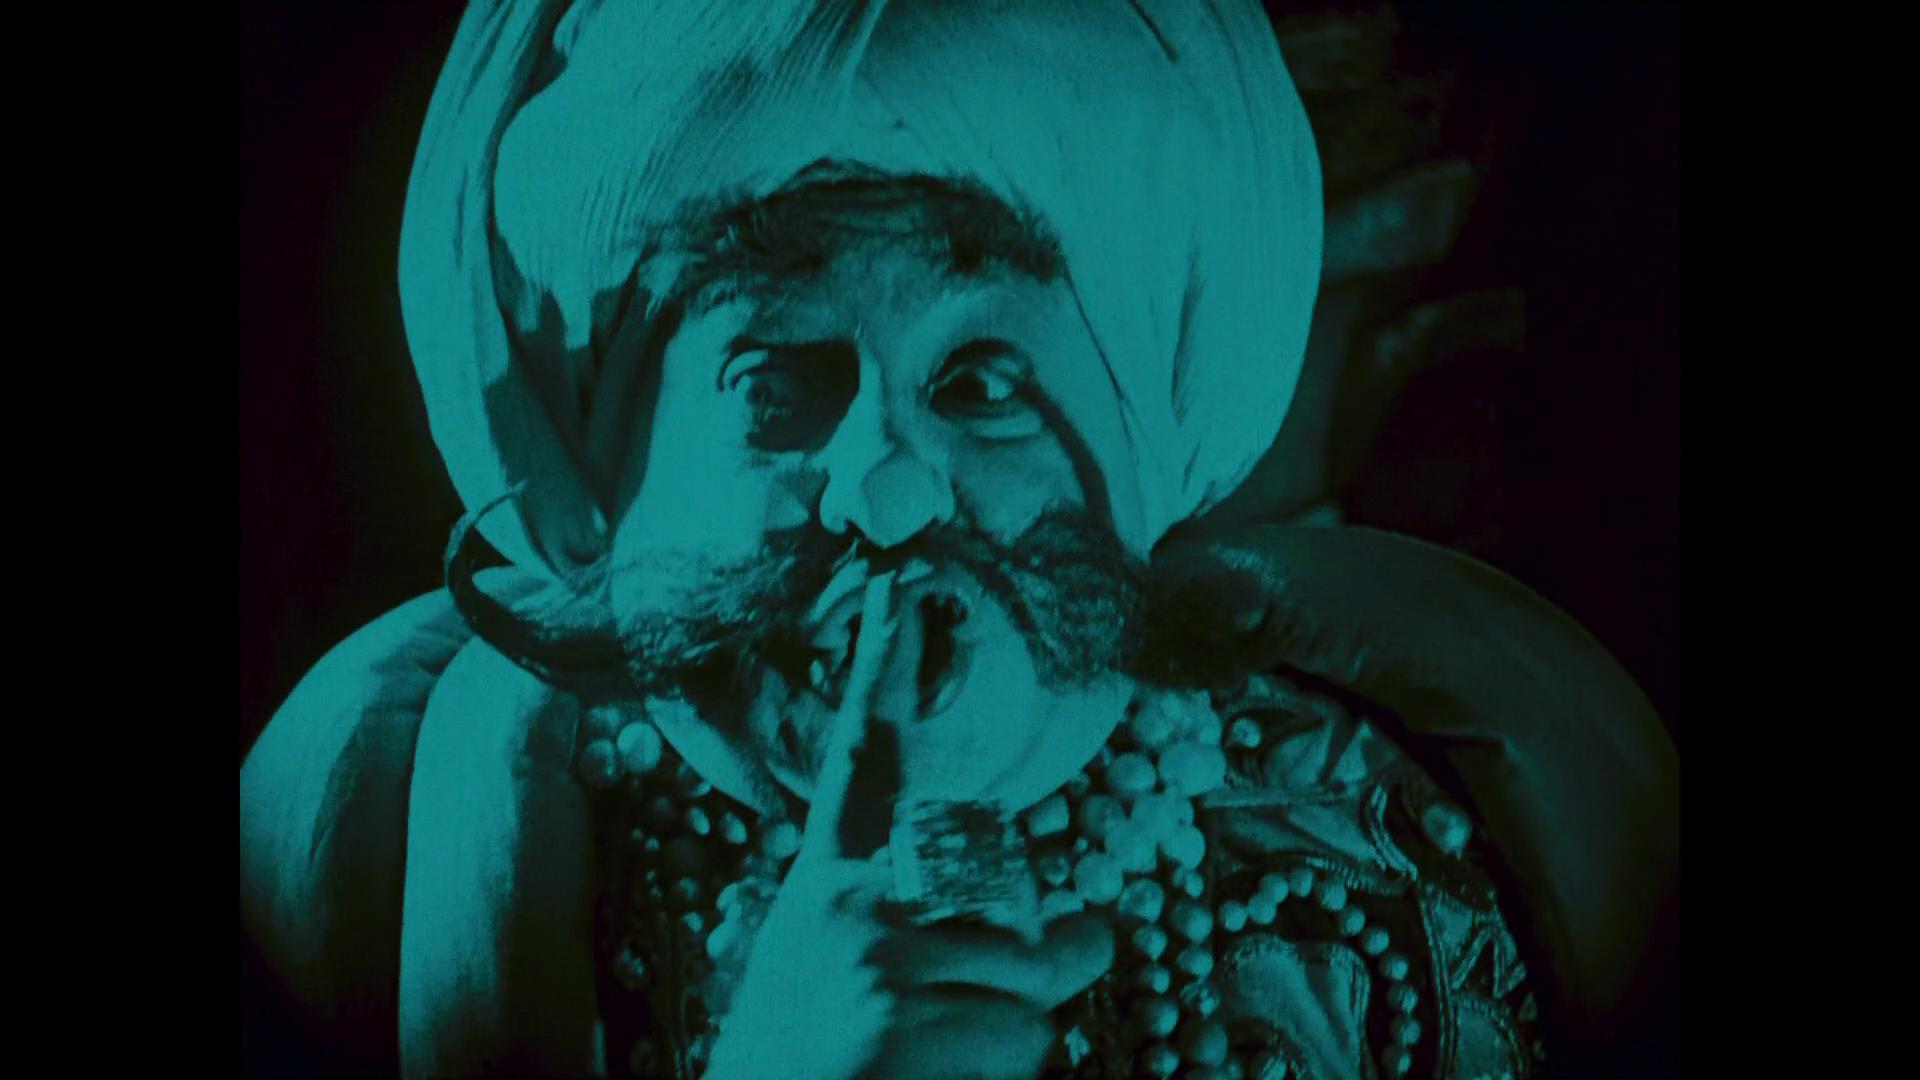 Emil Jannings est le calife Harun-al-Raschid dans Das Wachsfigurenkabinett (Le cabinet des figures de cire, 1924) de Paul Leni